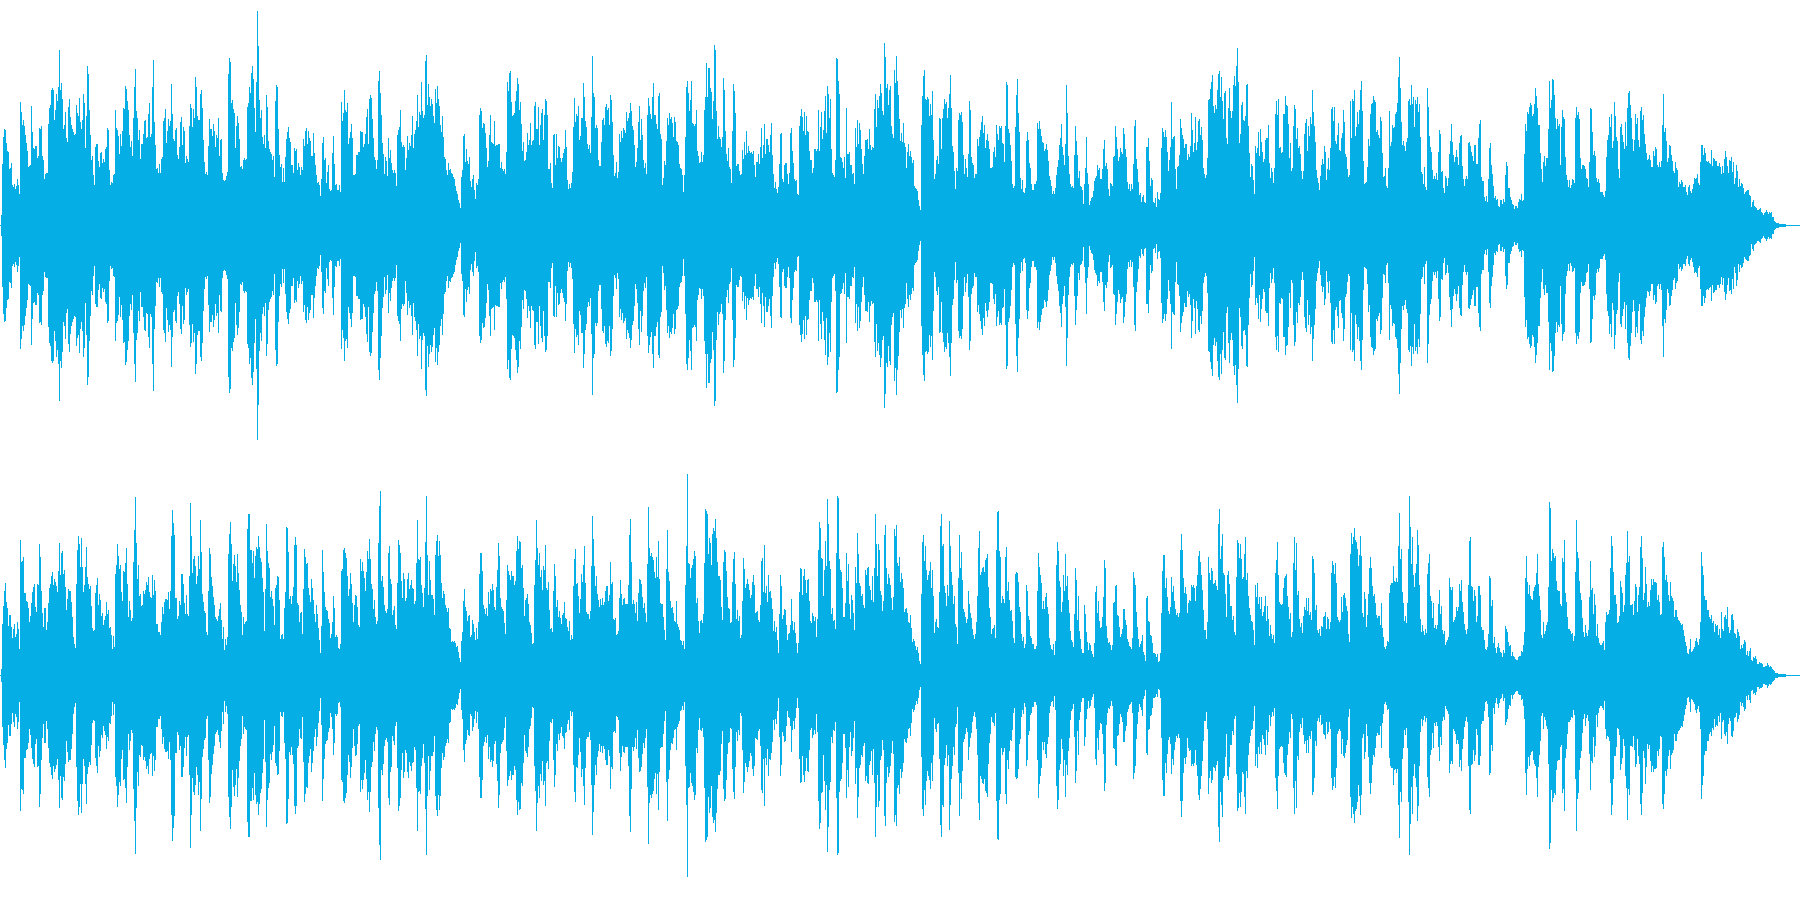 ボッケリーニのメヌエット弦楽五重奏の再生済みの波形